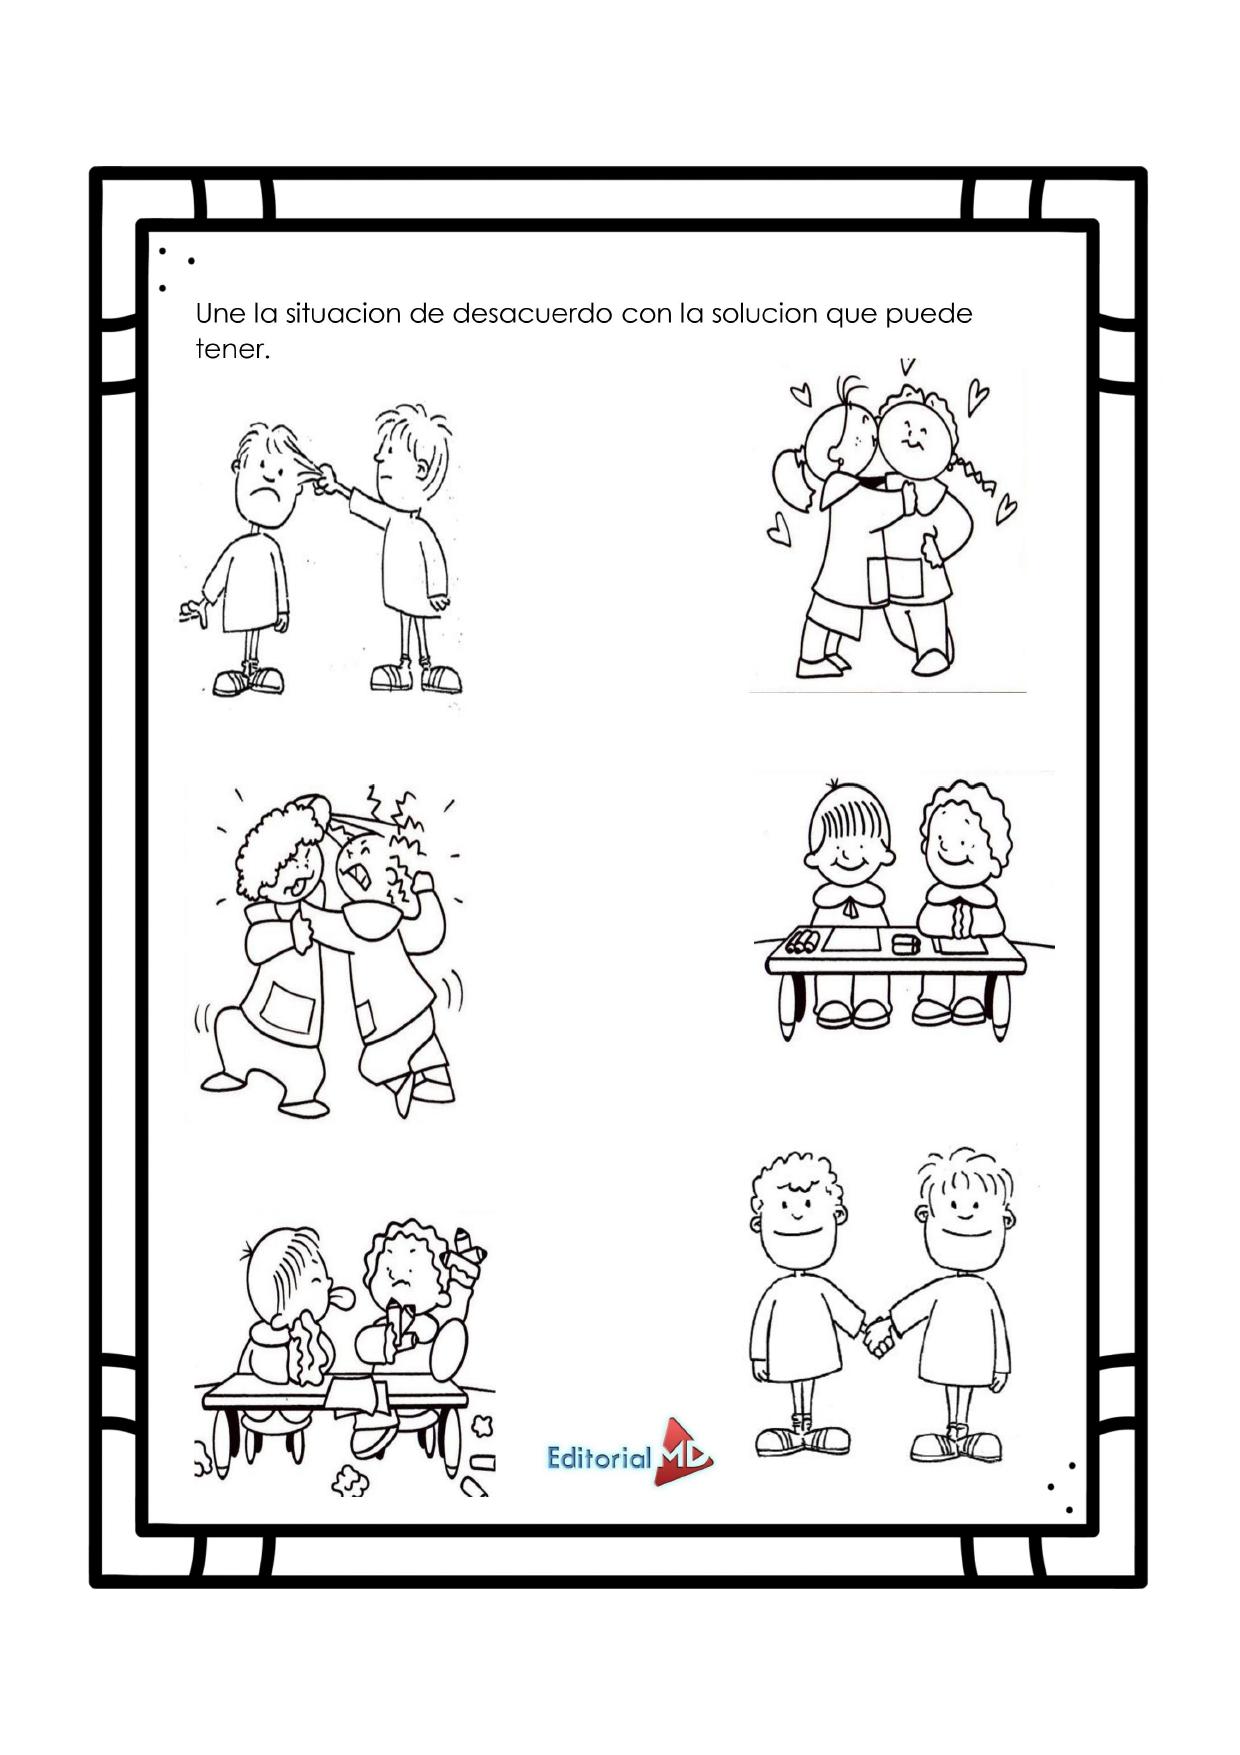 Ejemplo de Actividades de la semana 12 preescolar 02